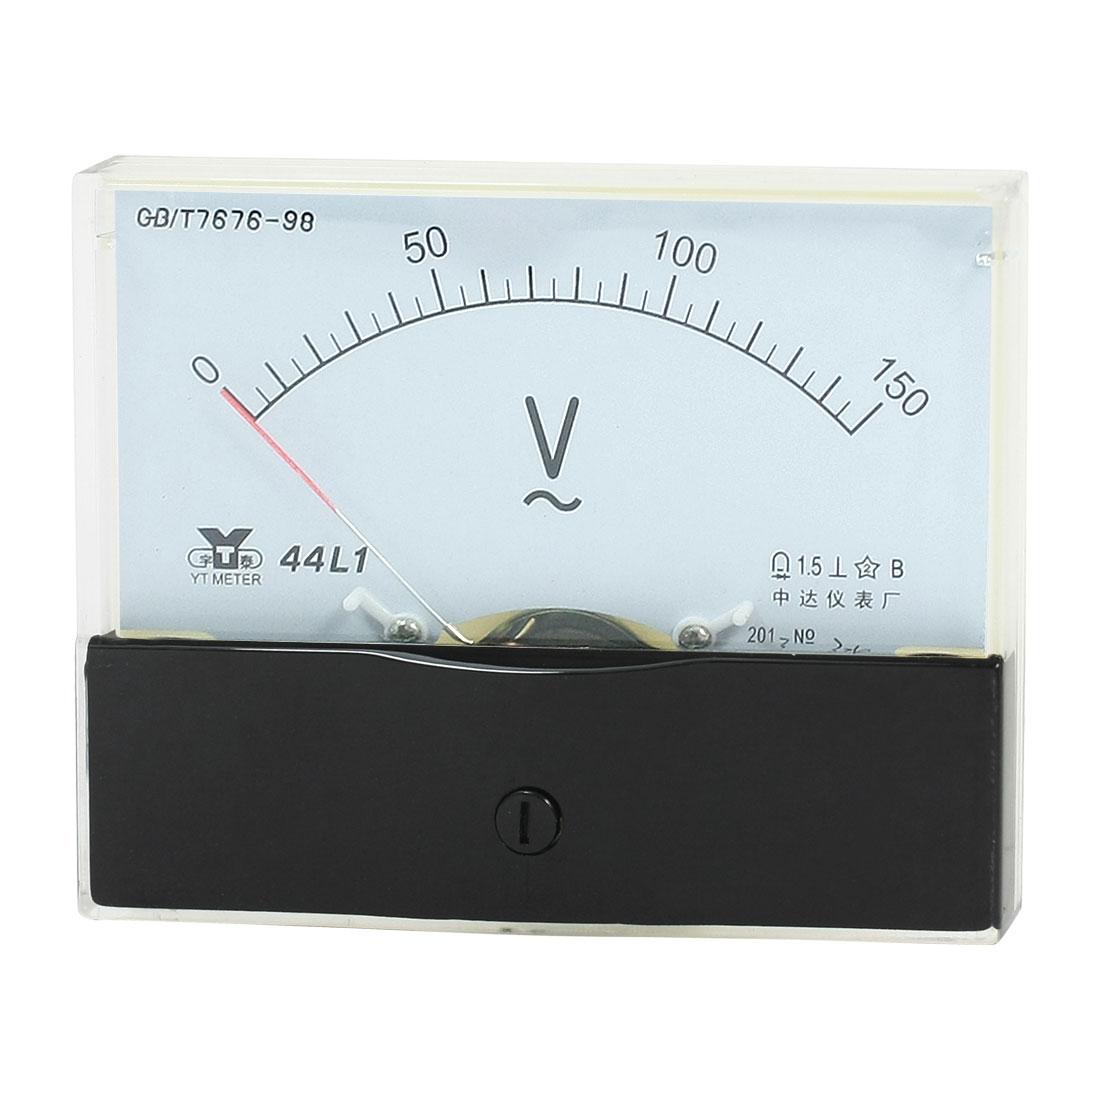 Rectangle Measurement Tool Analog Panel Voltmeter Volt Meter AC 0 - 150V Measuring Range 44L1